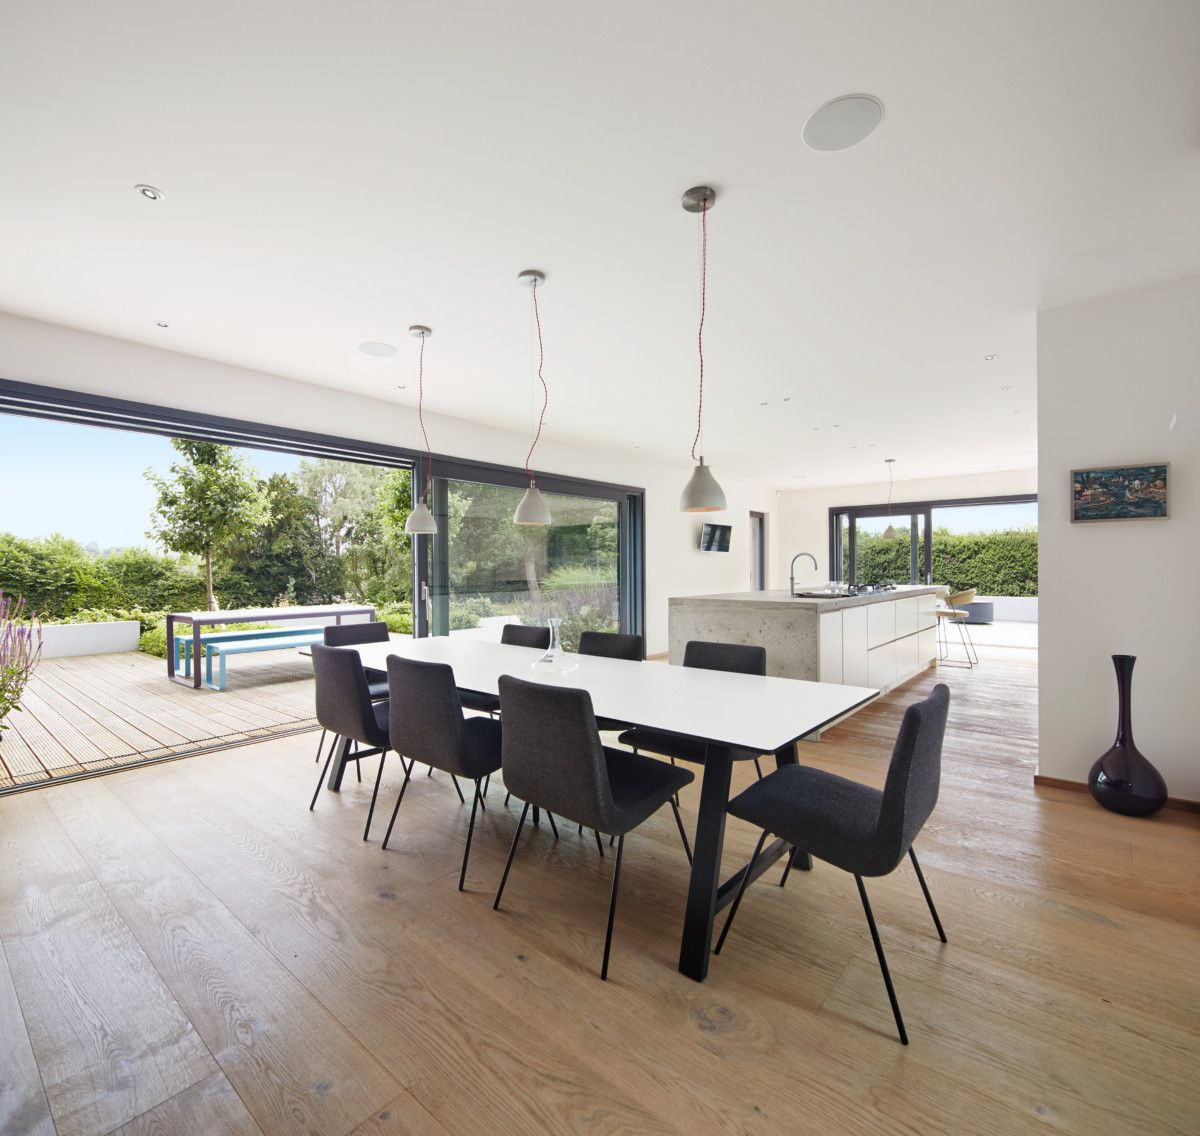 Esszimmer einrichtungsideen modern  Haus Einrichtung Modern